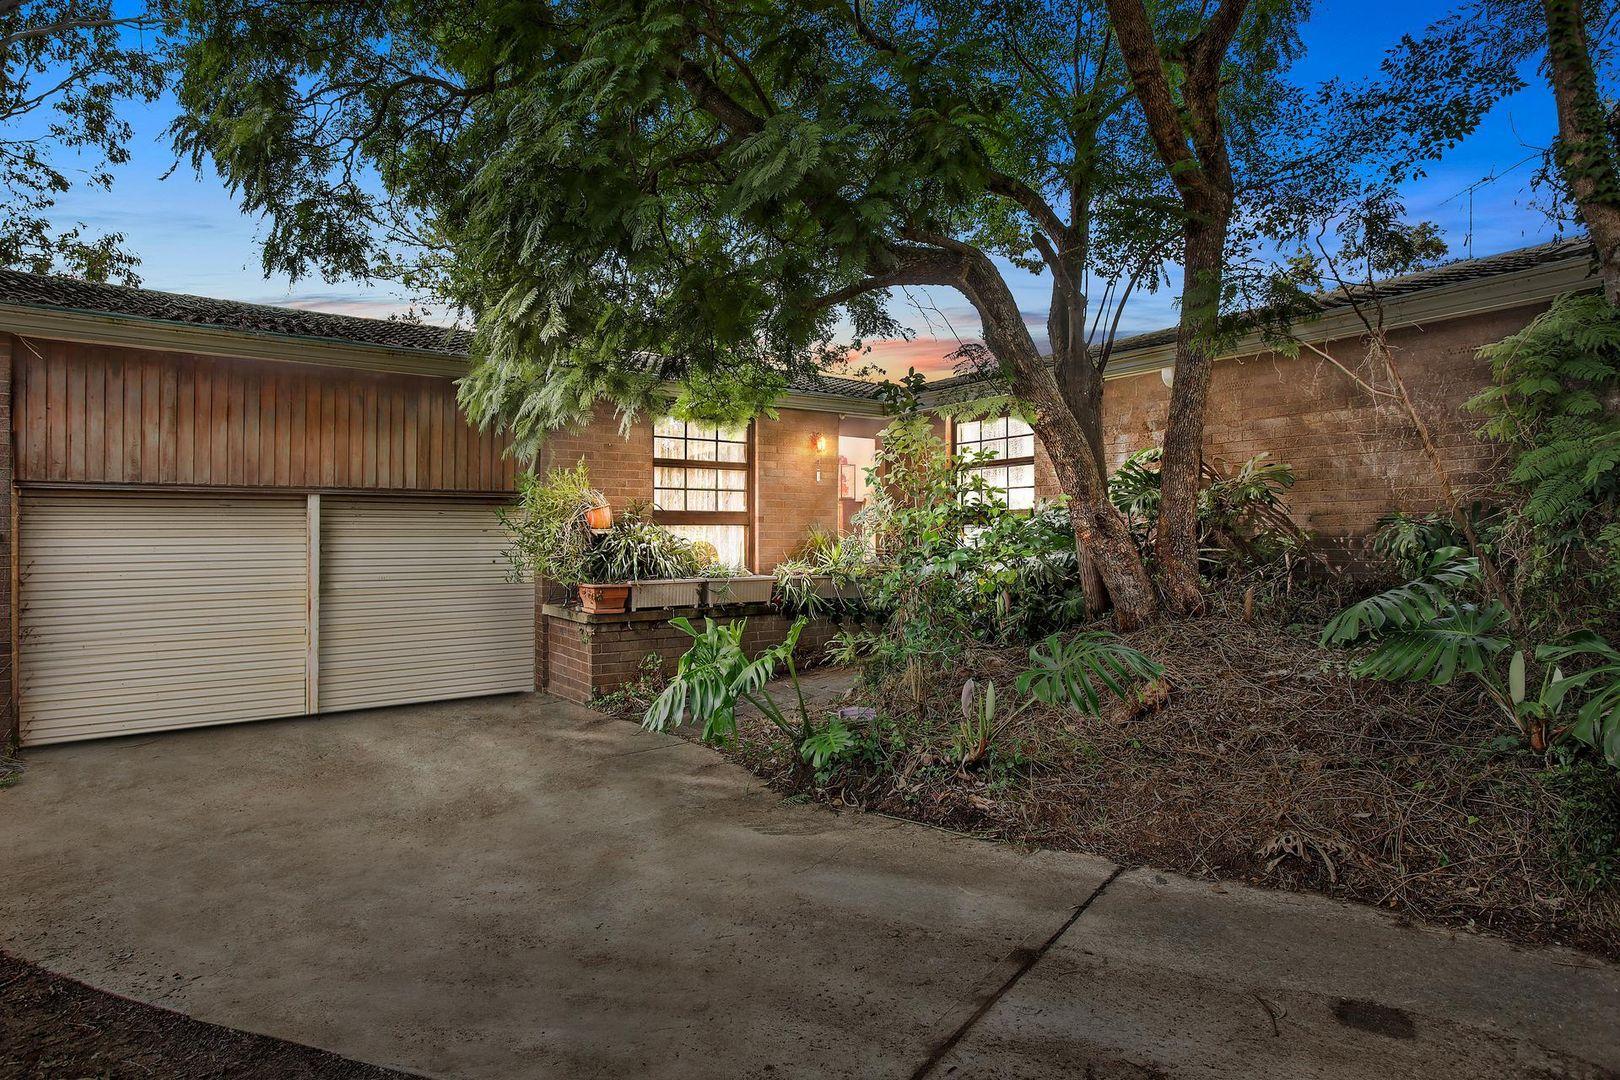 67 Campbellfield  Avenue, Bradbury NSW 2560, Image 0